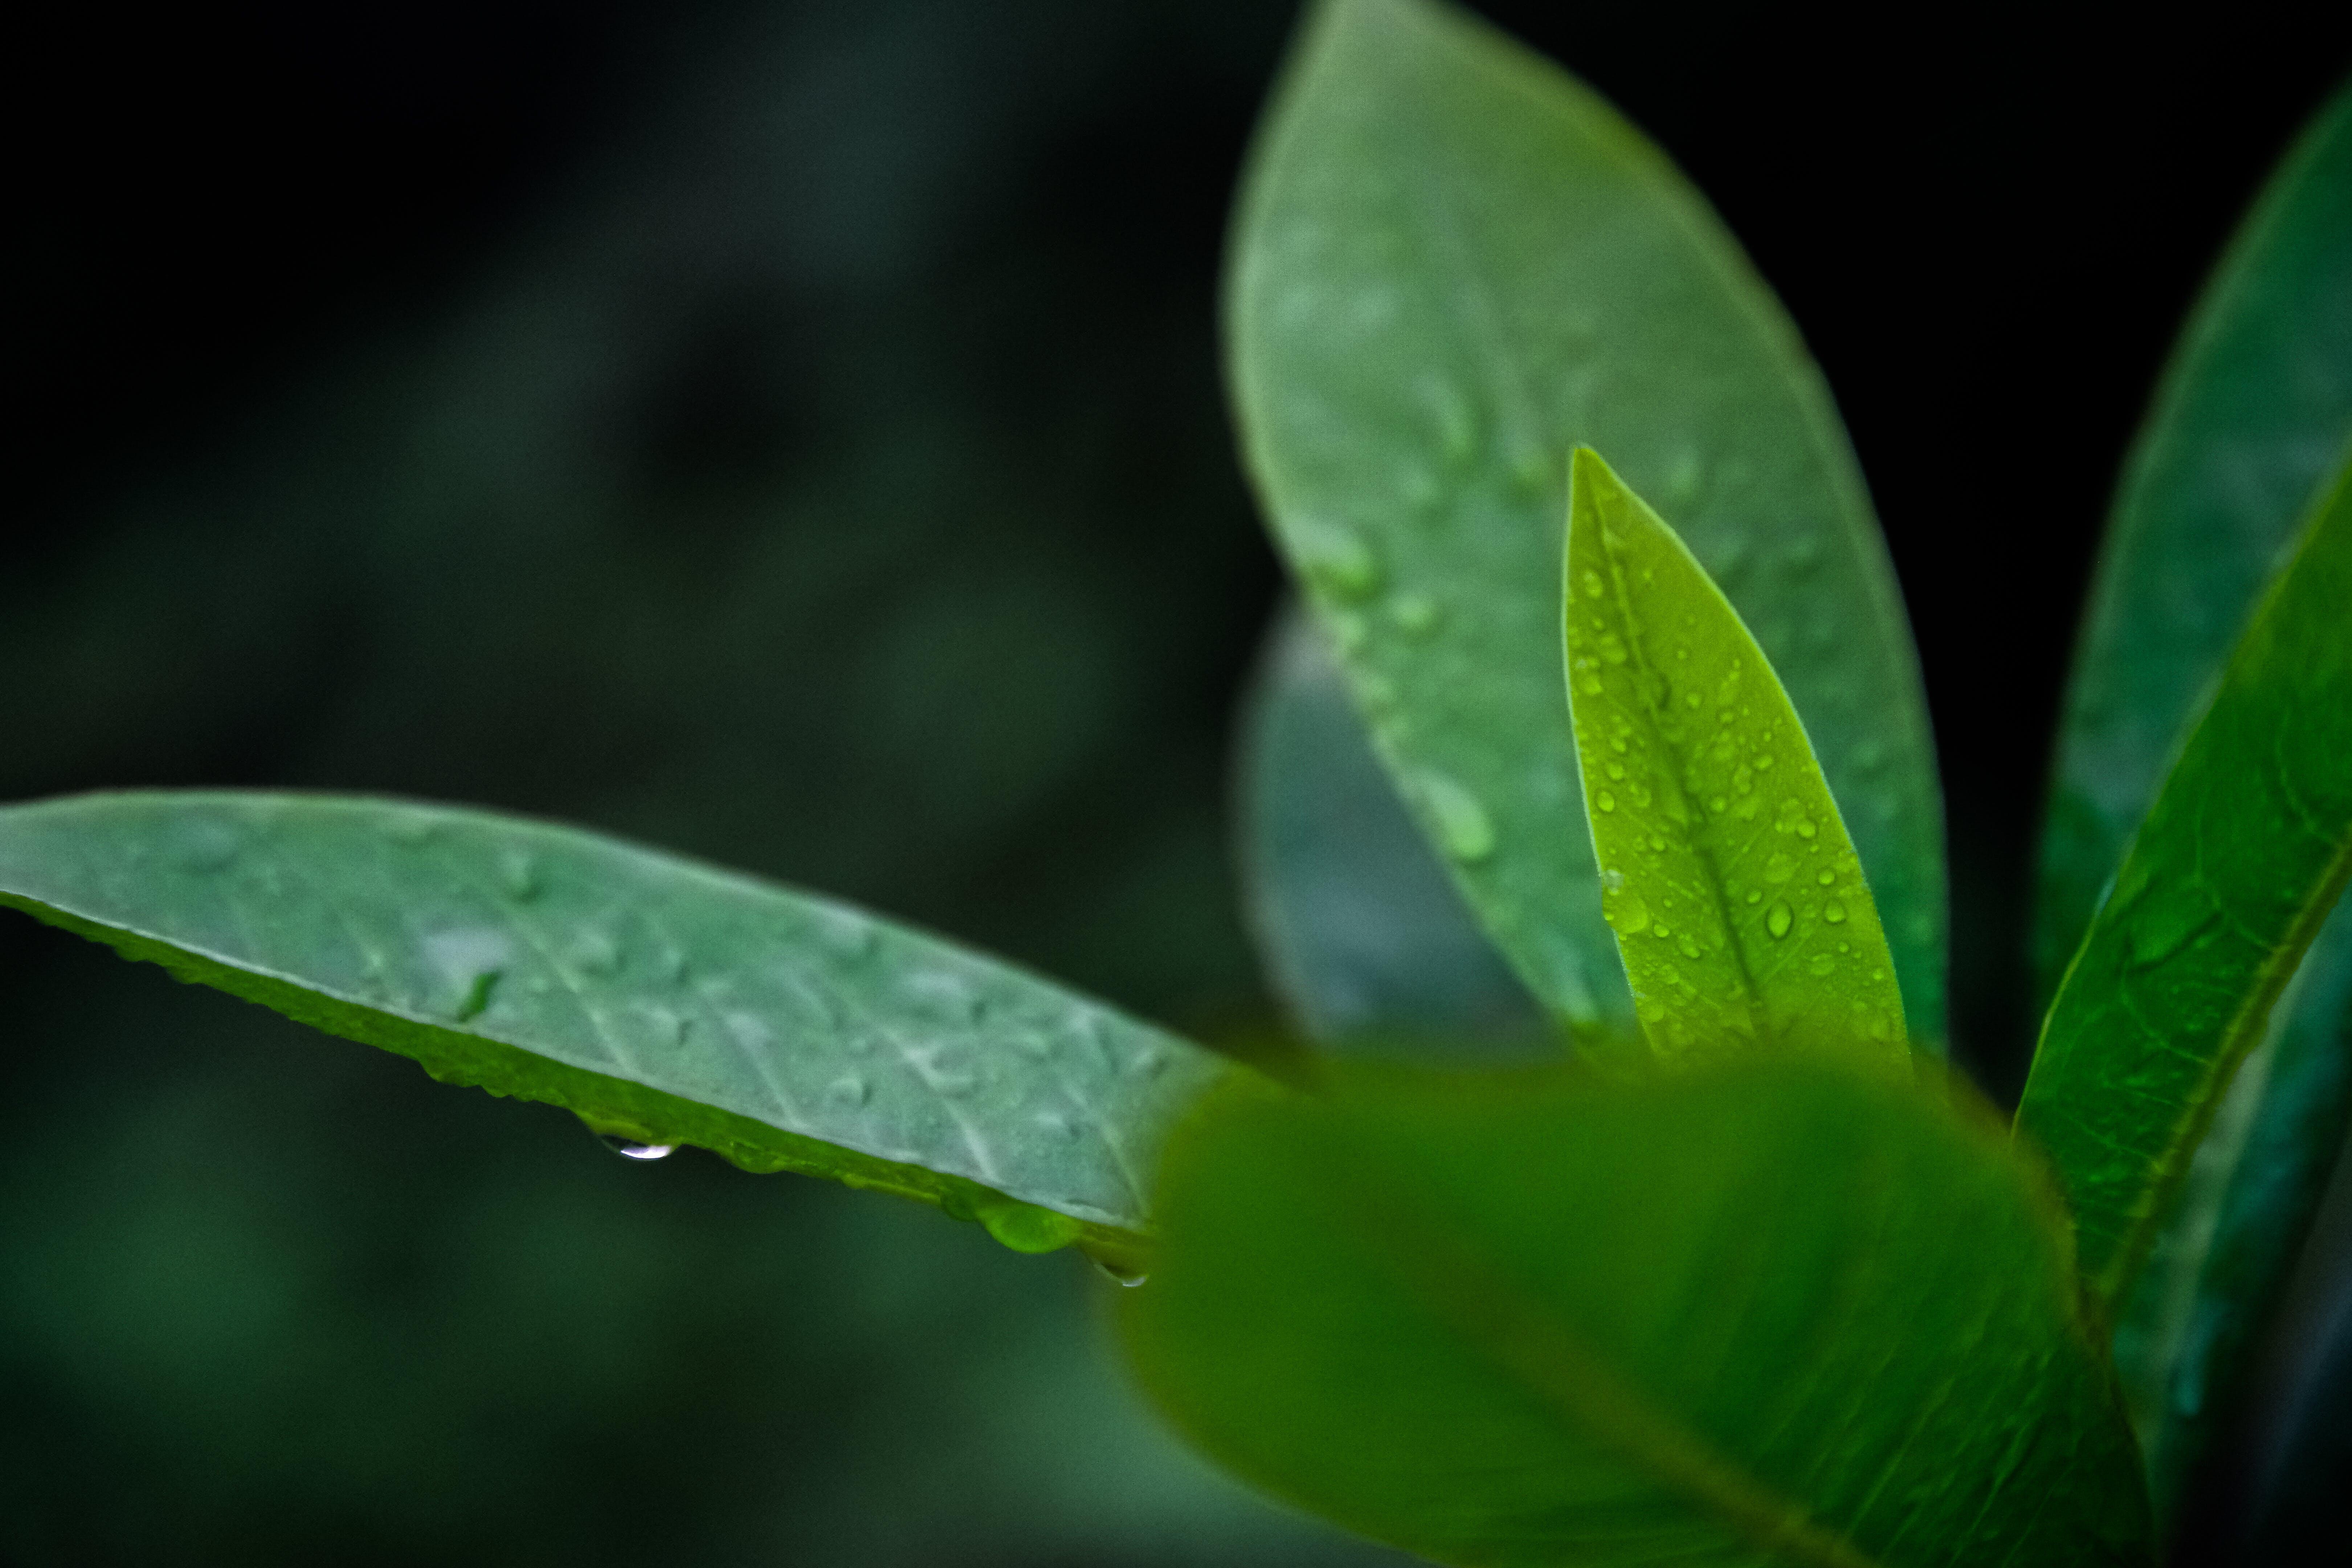 天性, 工厂, 綠色, 露 的 免费素材照片